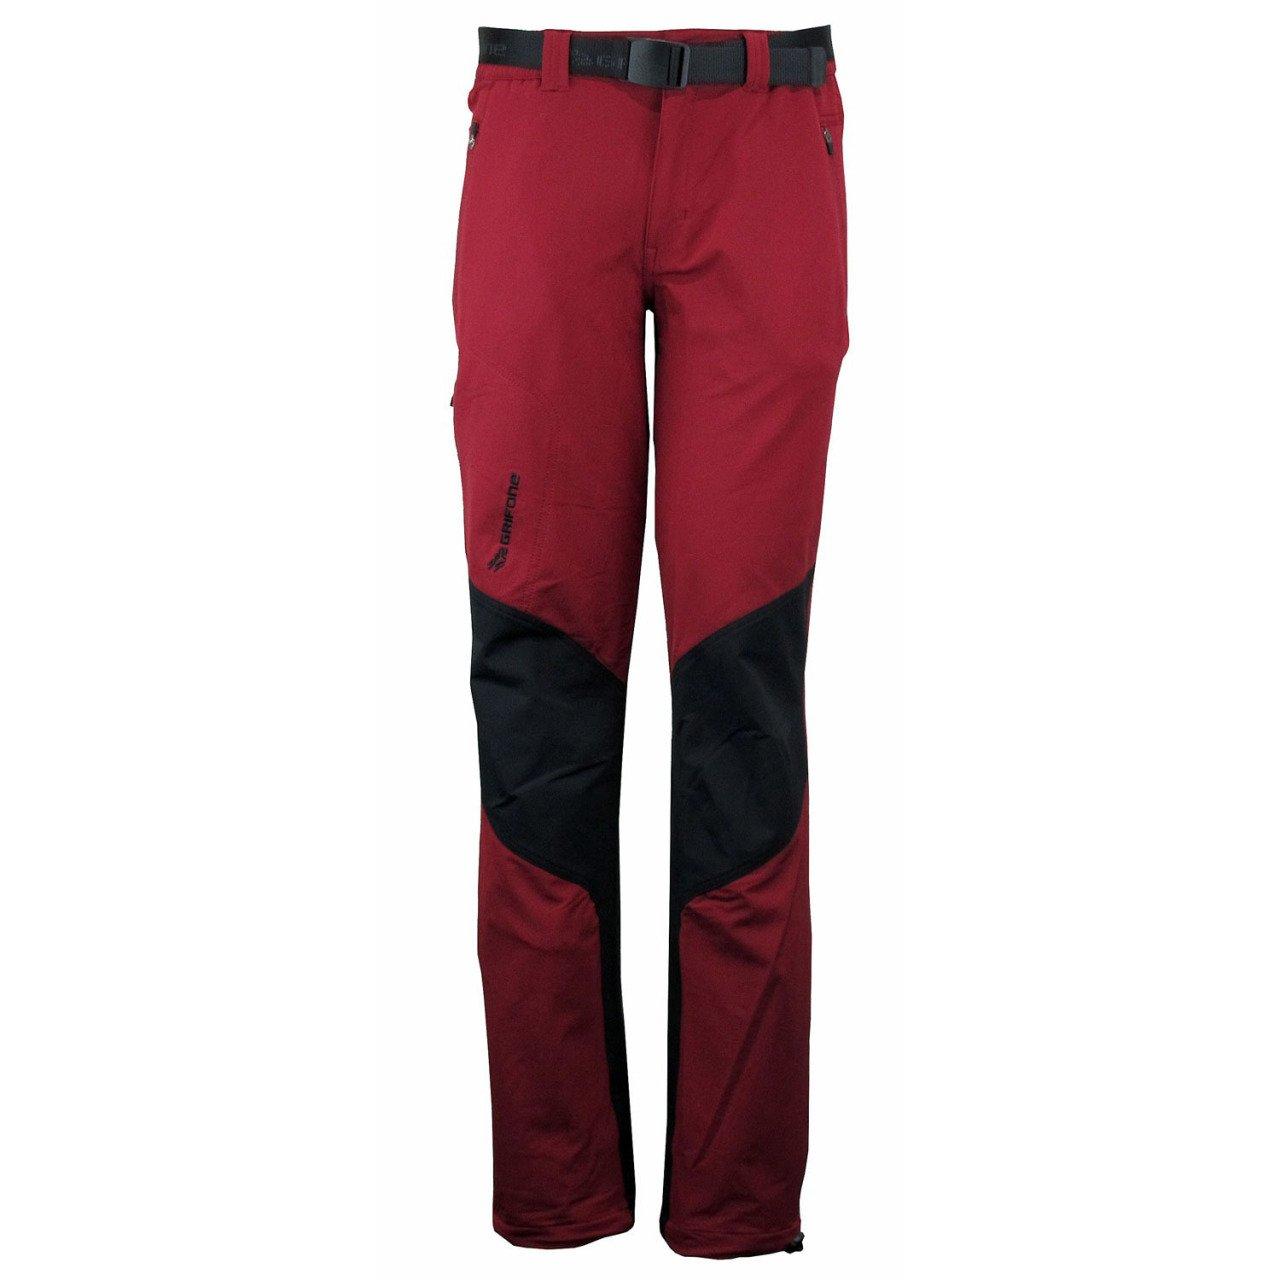 Kırmızı-Siyah - XS